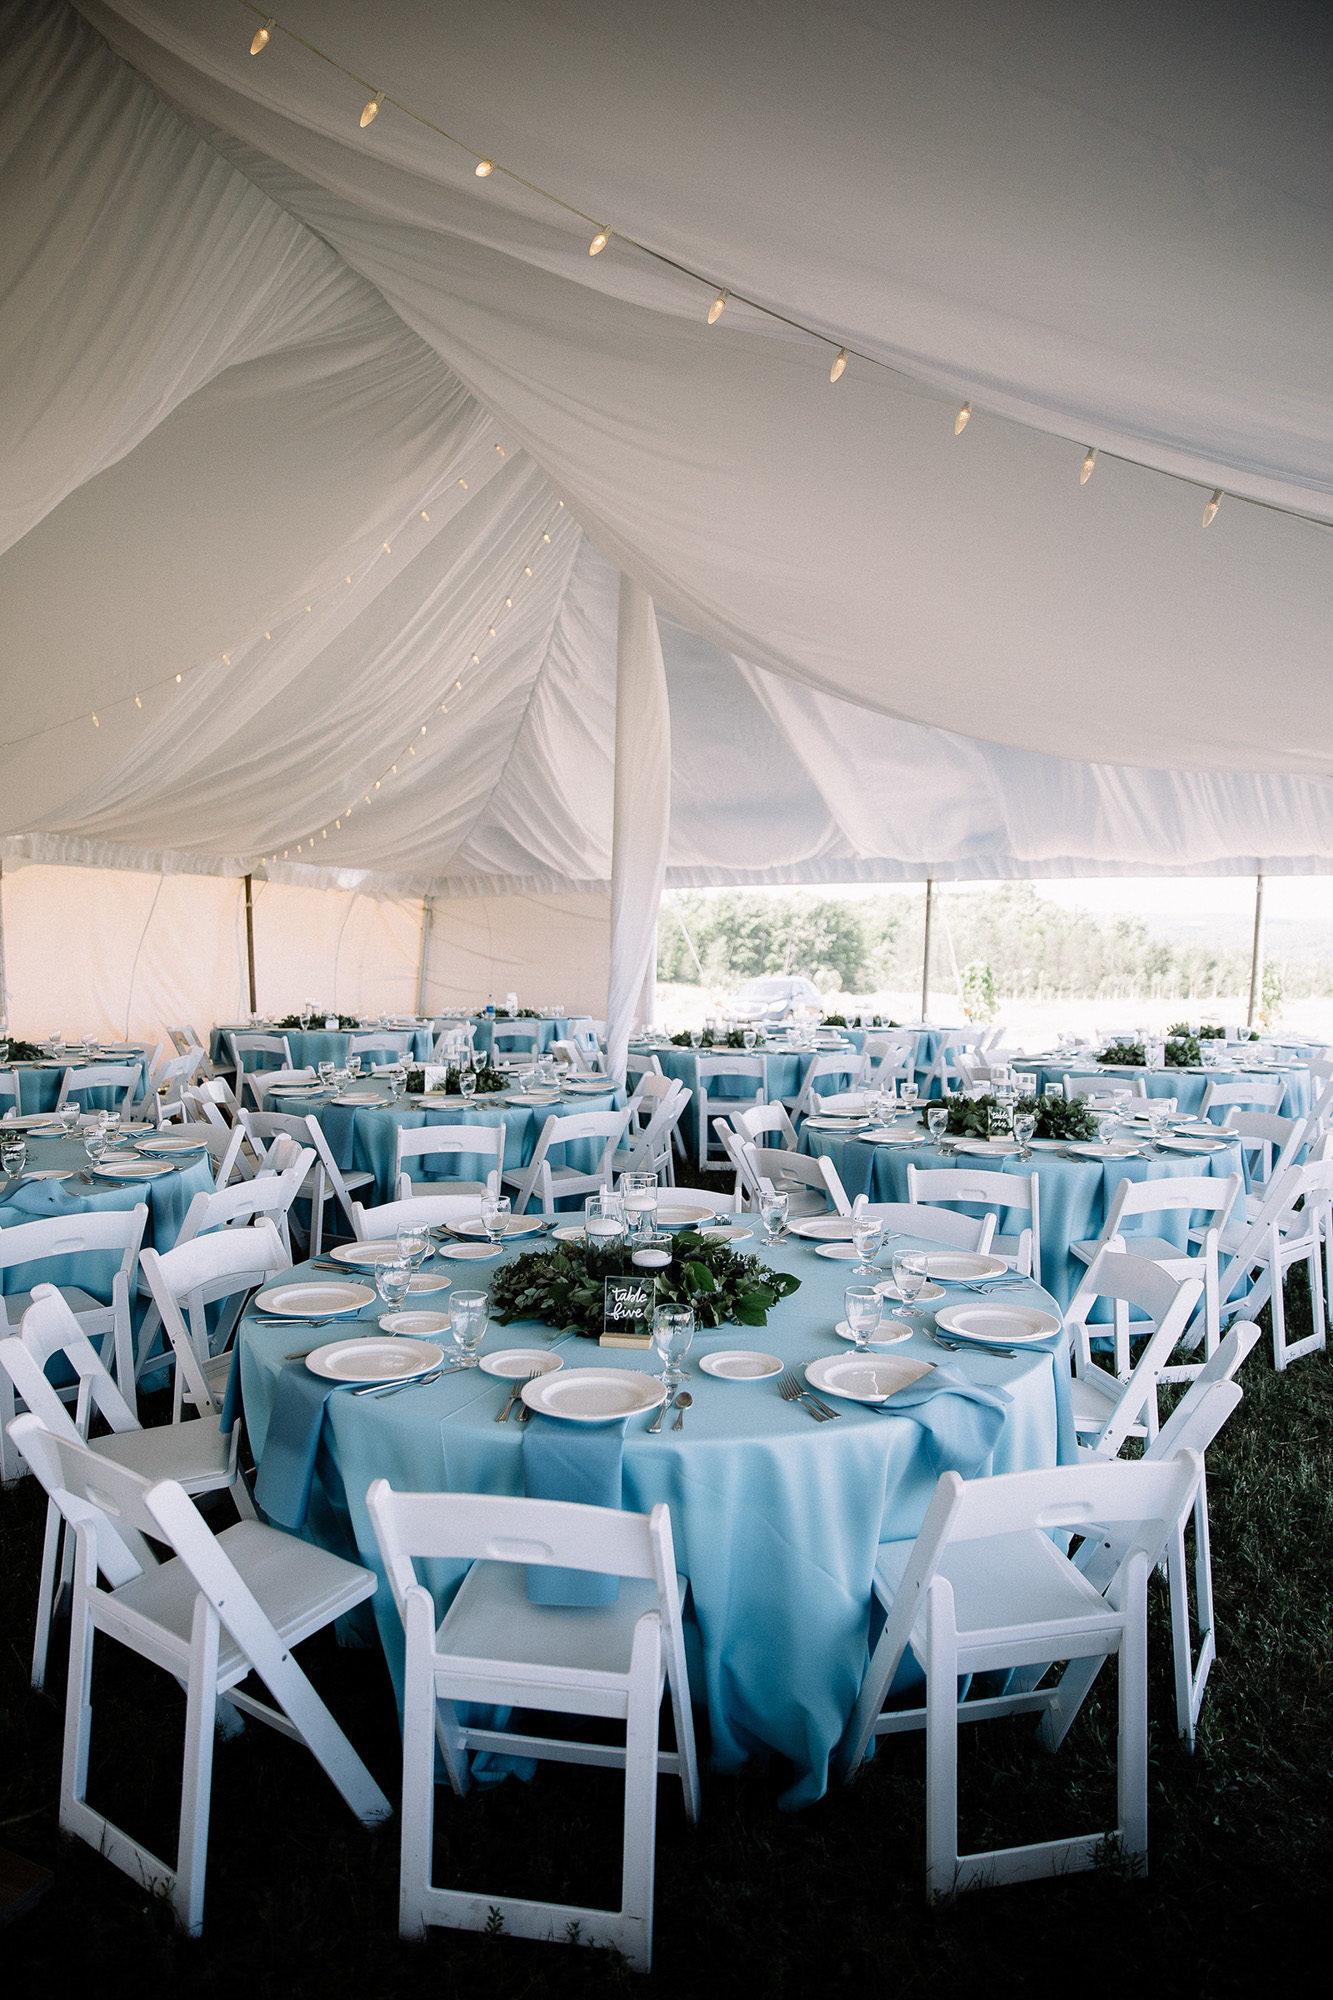 Bay View Weddings Reception Tent Interior